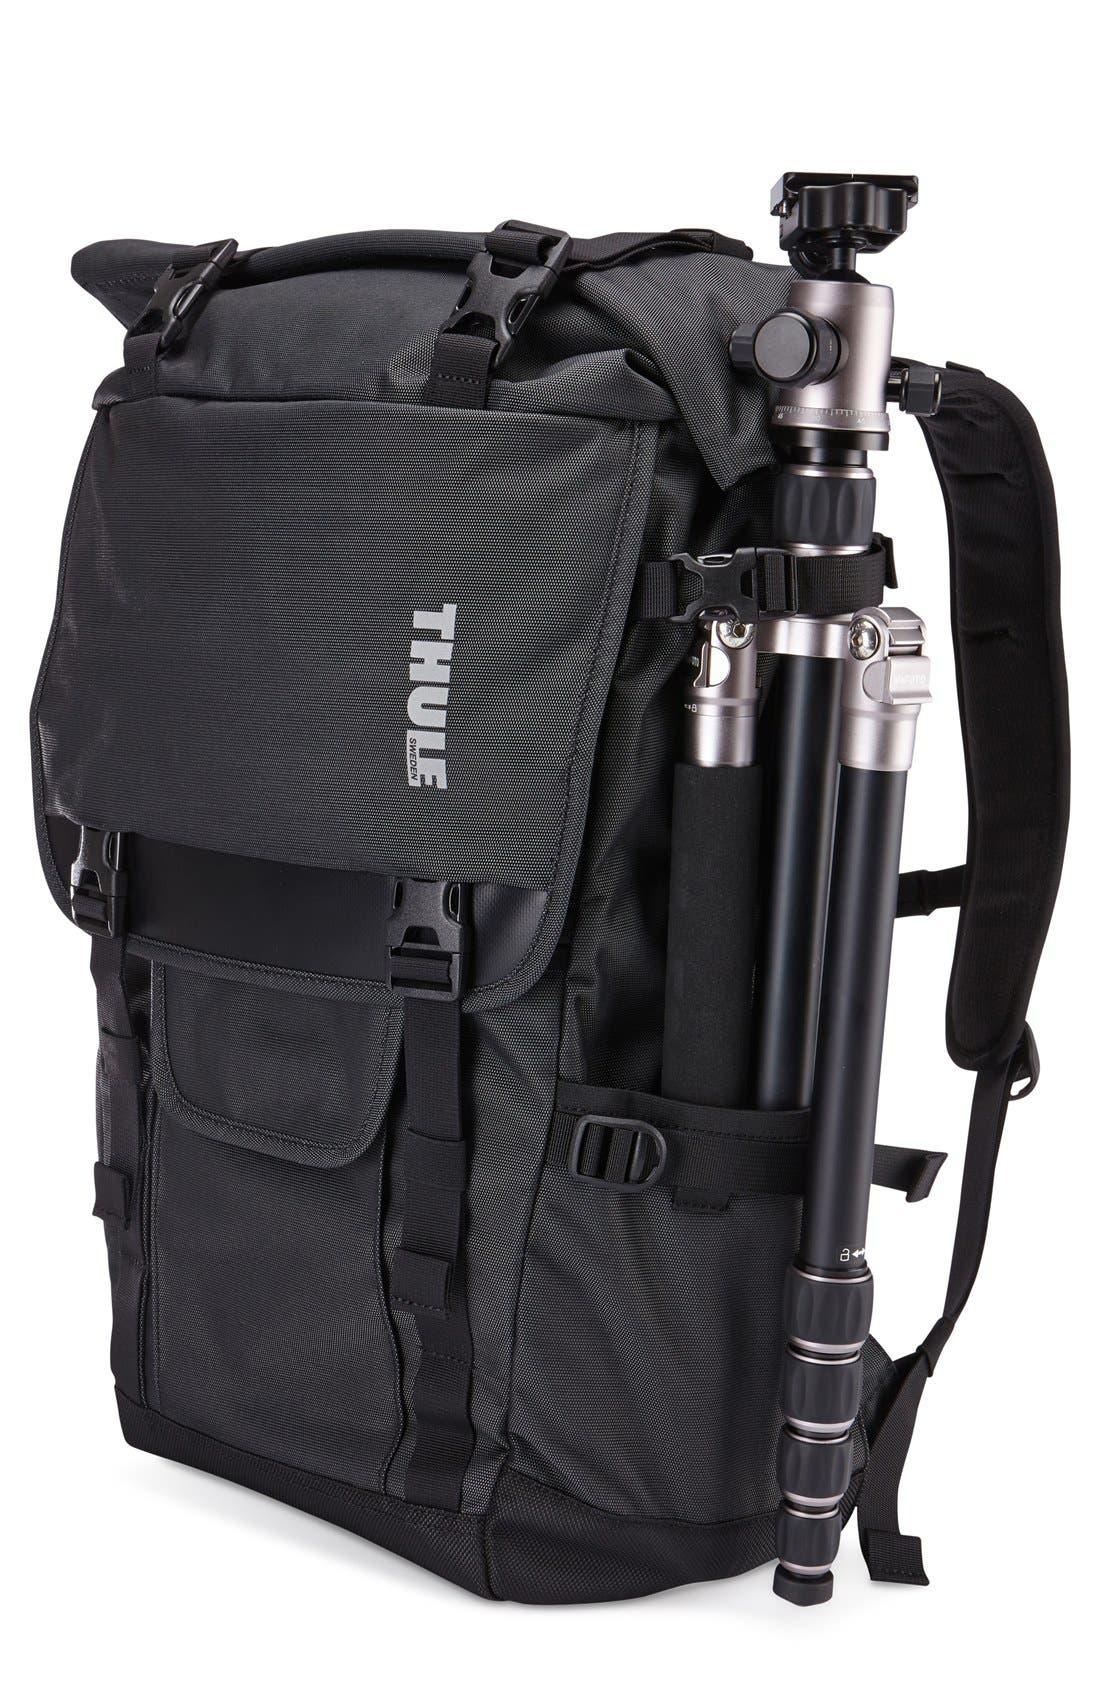 Thule 'Covert' DSLR Backpack